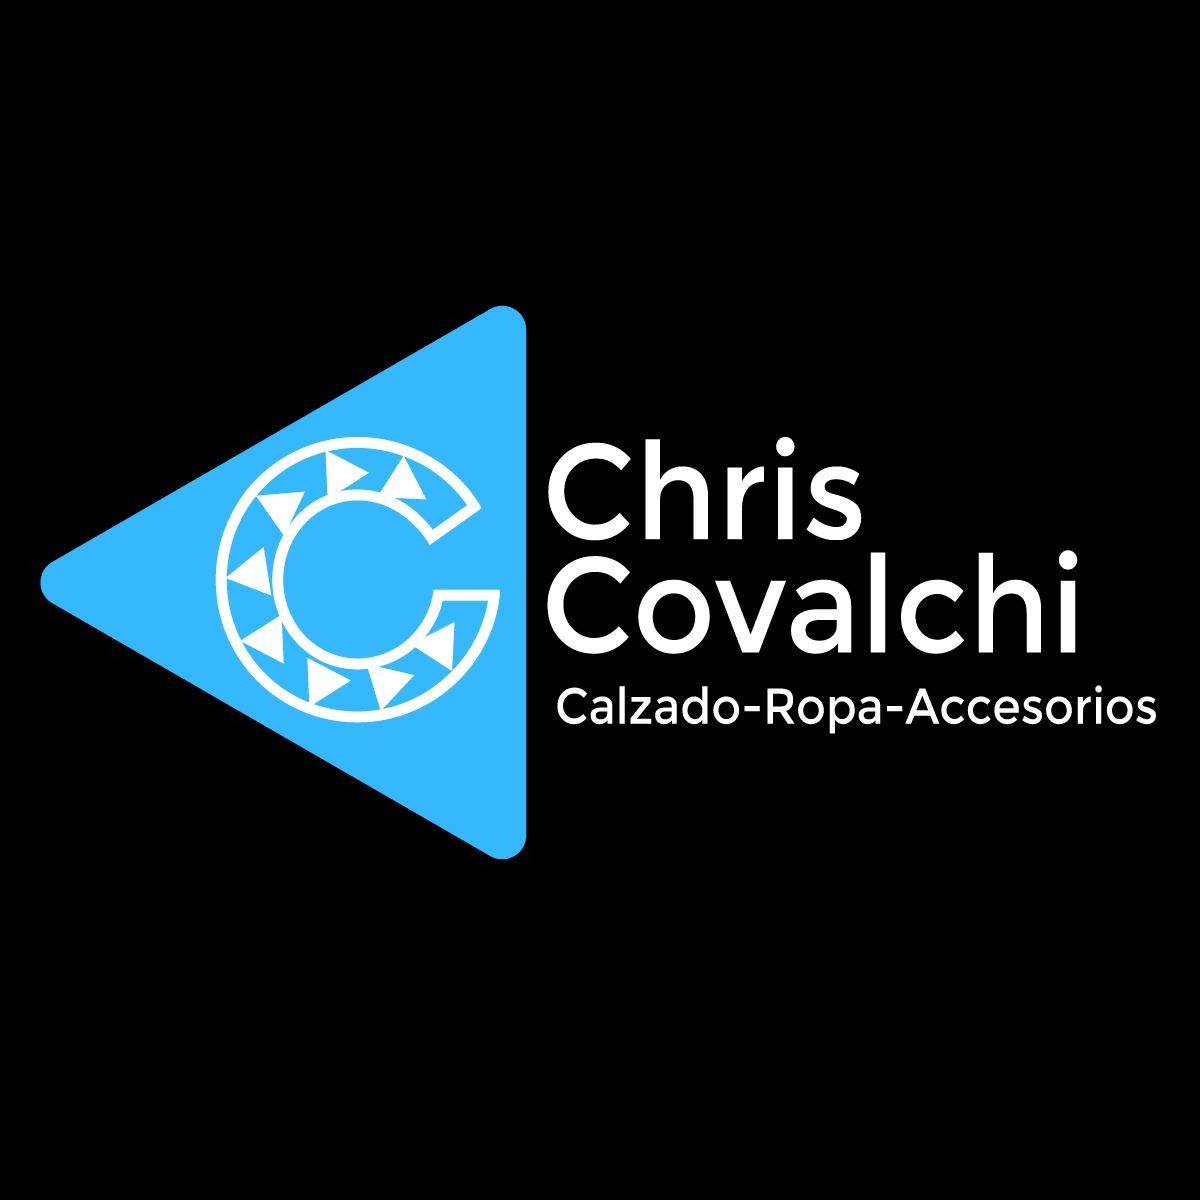 CHRIS COVALCHI – ZAPATERIA